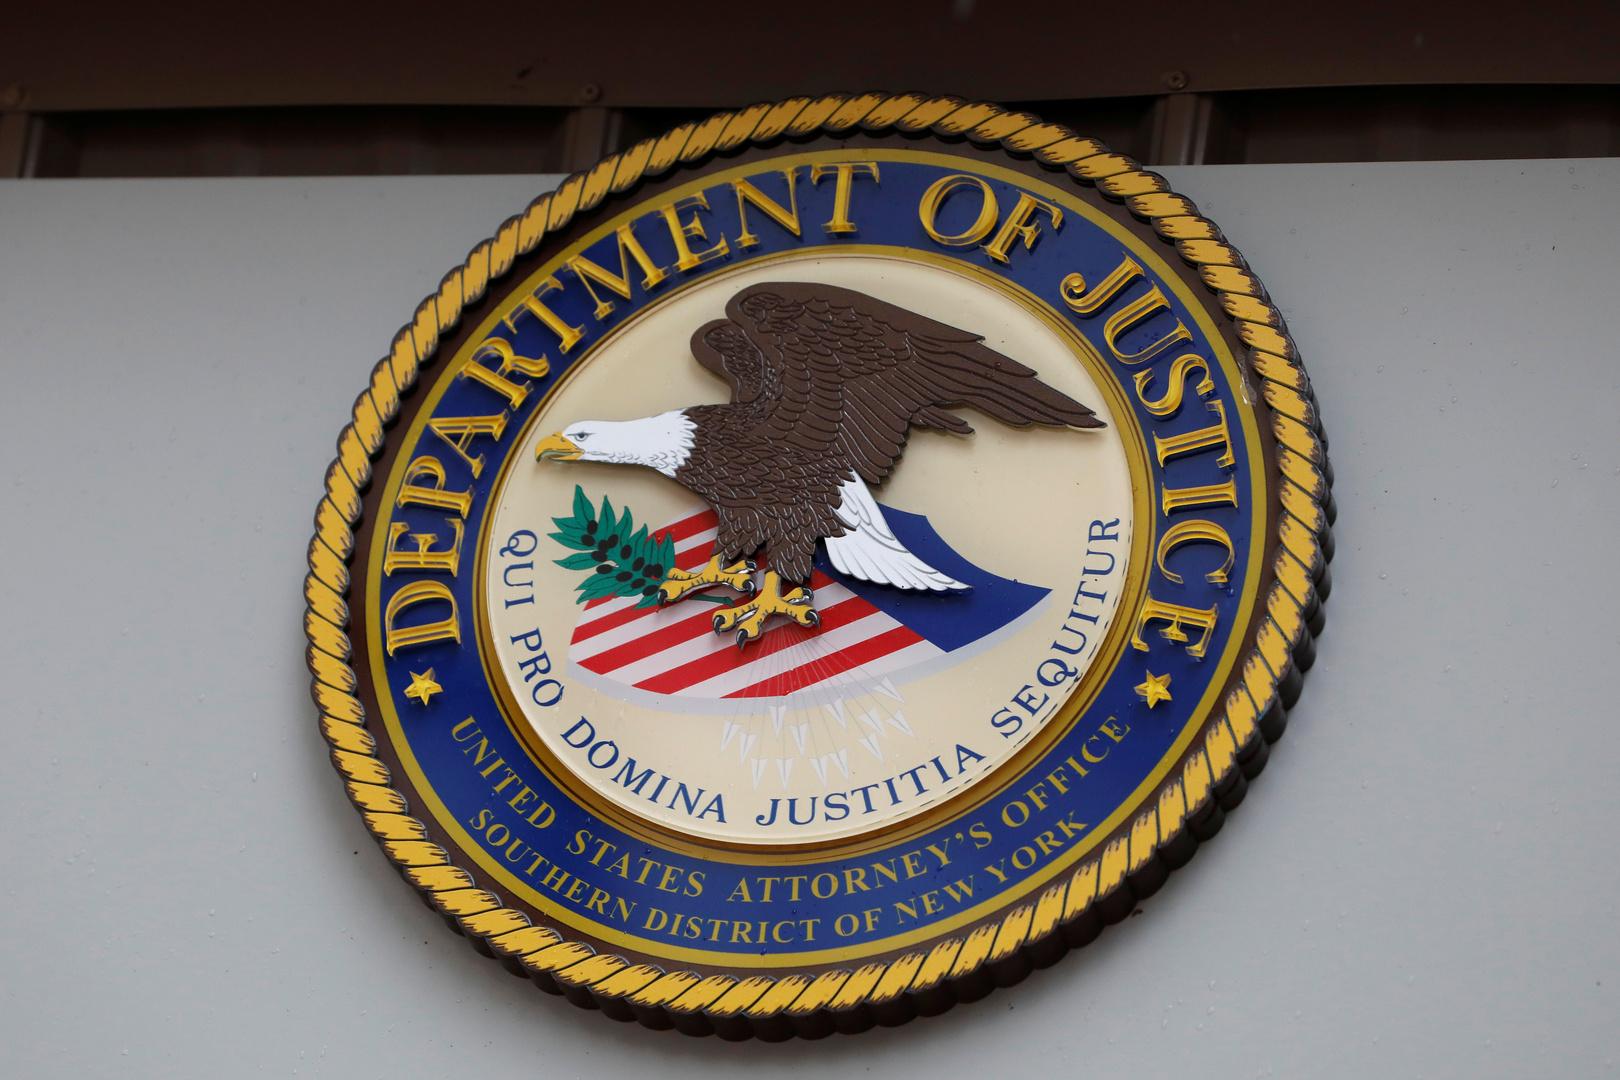 وزارة العدل الأمريكية توجه تهمة